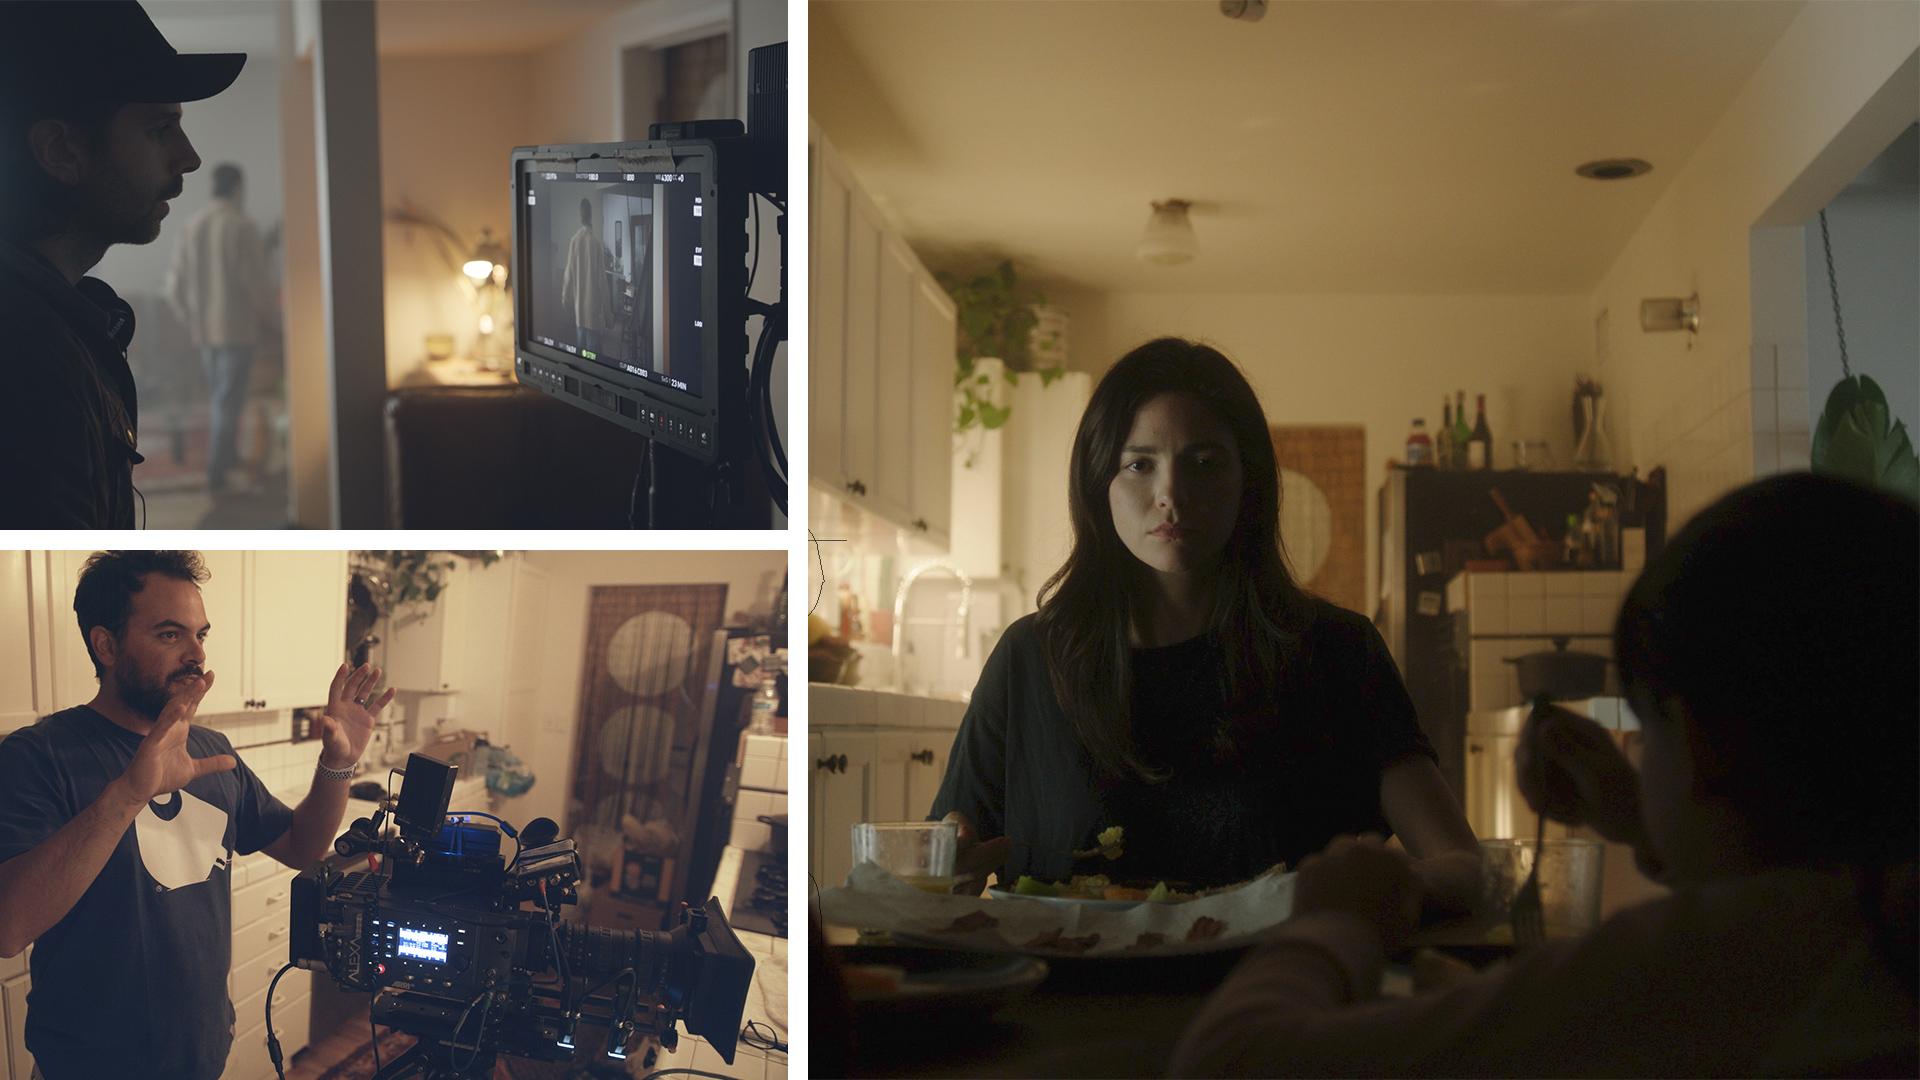 """4Kの時代に2Kで映画を撮る意義 - """"White Crow""""のNoam Kroll監督に聞く"""